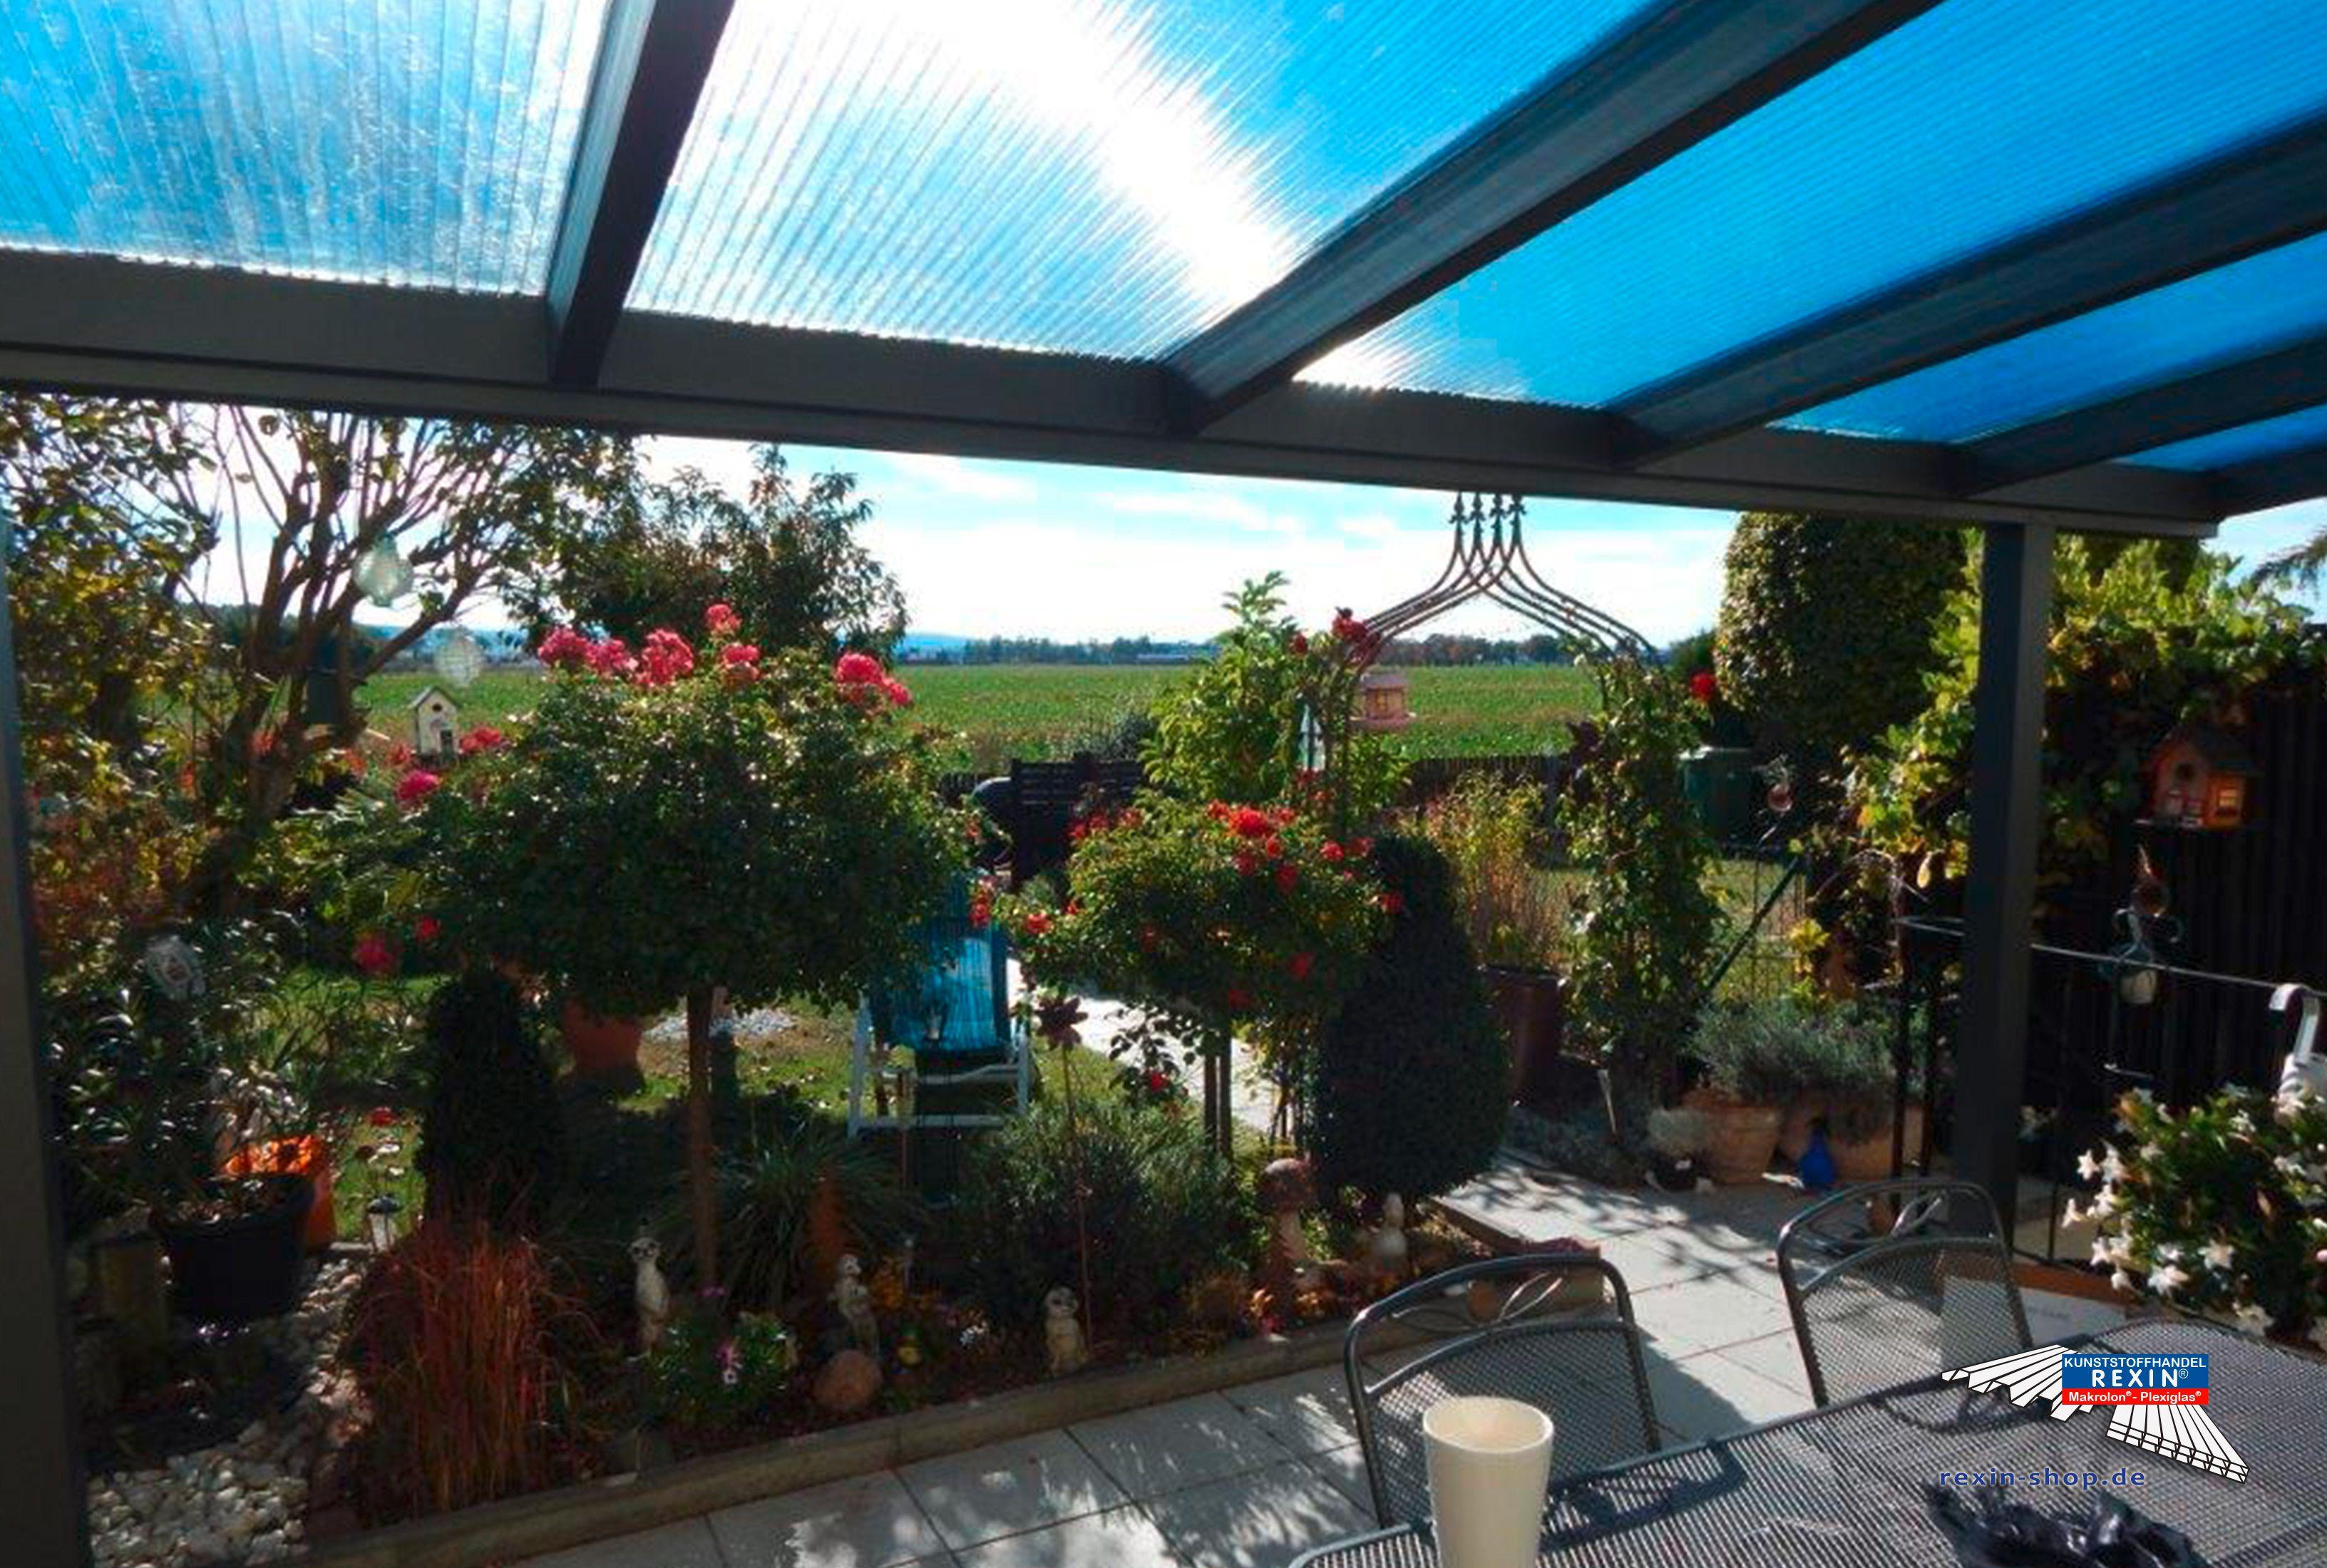 Ein Alu Terrassendach Der Marke Rexopremium 5m X 3m In Anthrazit Mit Makrolon Uv 2 16 30 Stegplatten Mit Diesem Uberdachung Terrasse Stegplatten Terrassendach